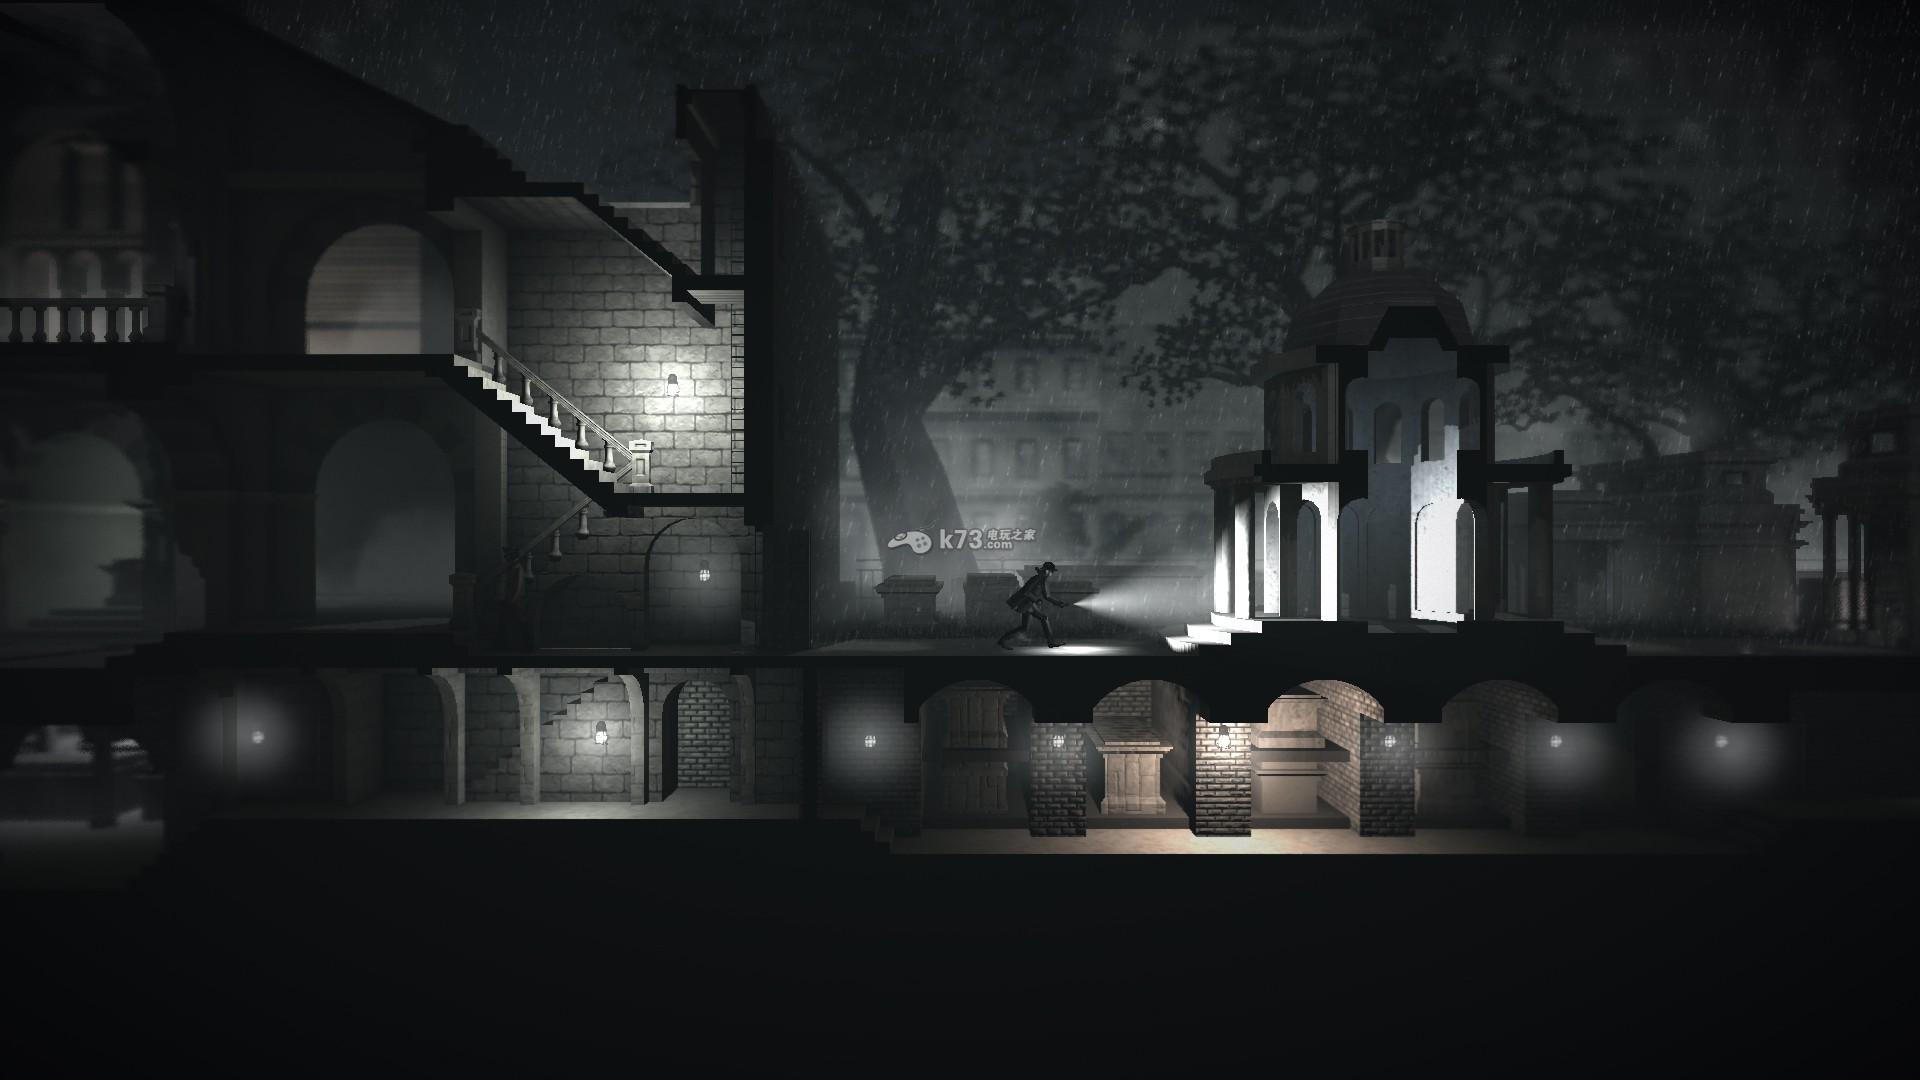 银翼杀手游戏下载_黑白雨夜中文版下载-Calvino Noir硬盘破解版下载-k73游戏之家